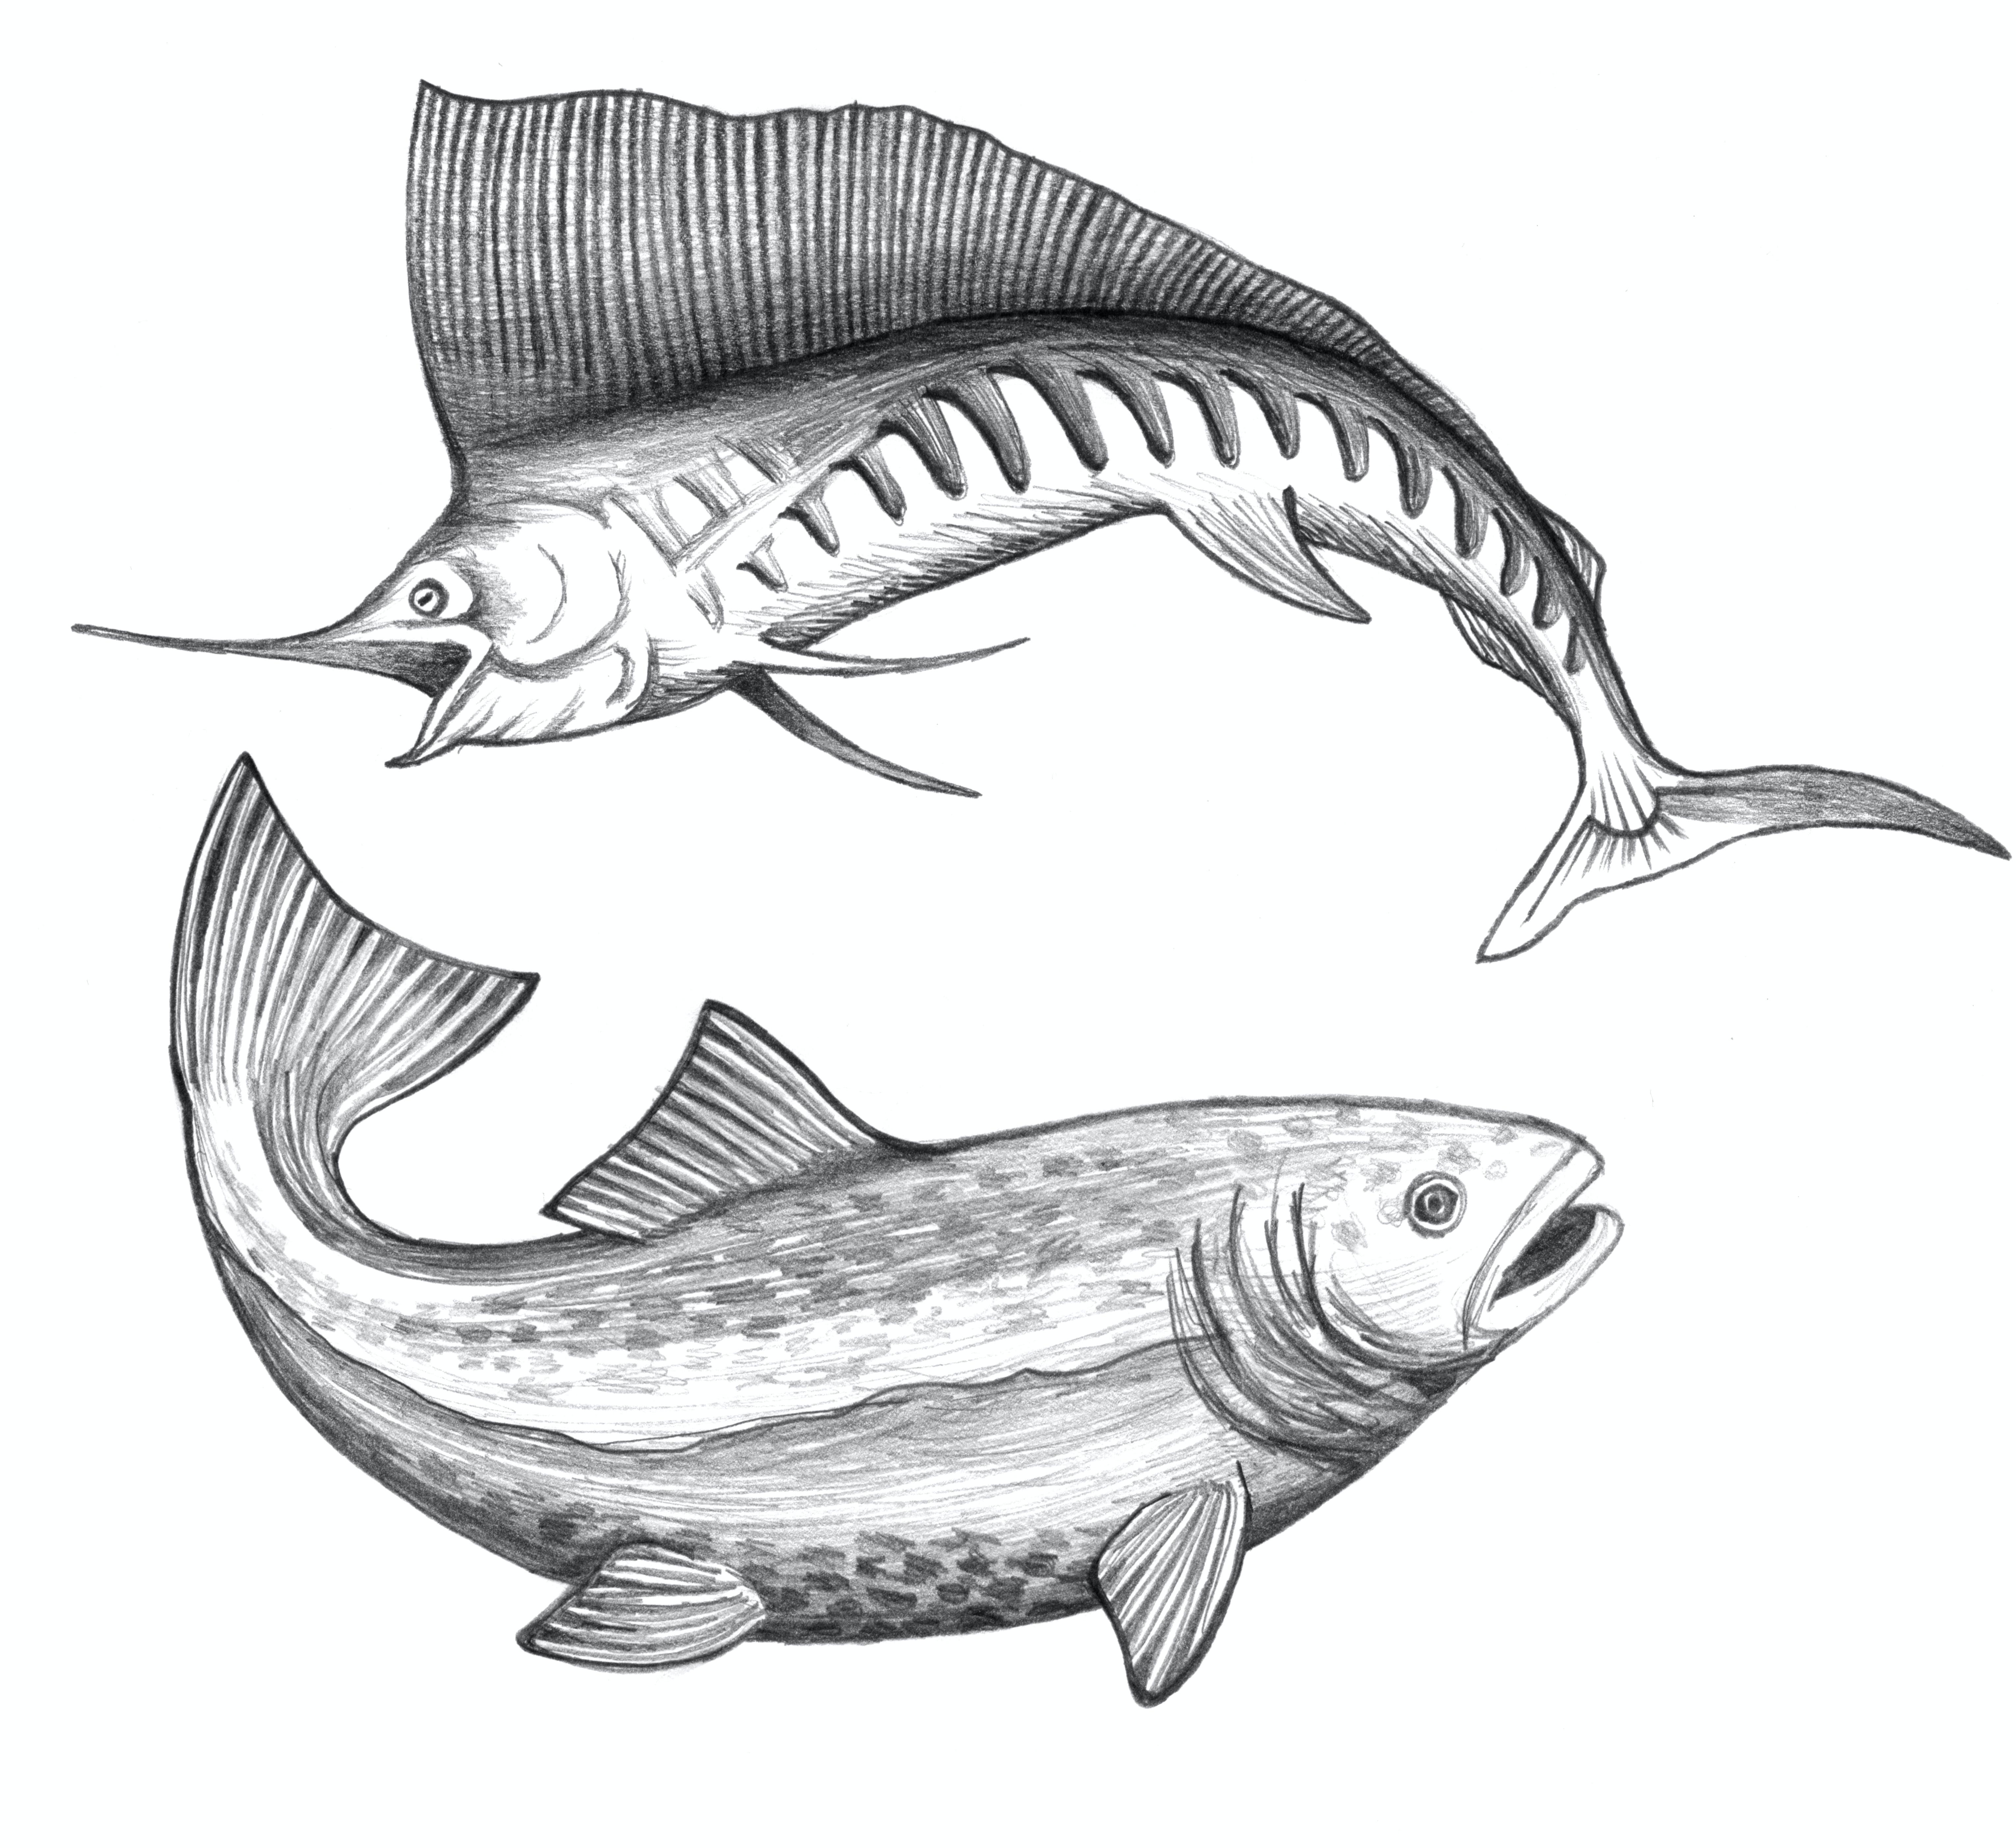 bass, fisch, fisch skizze